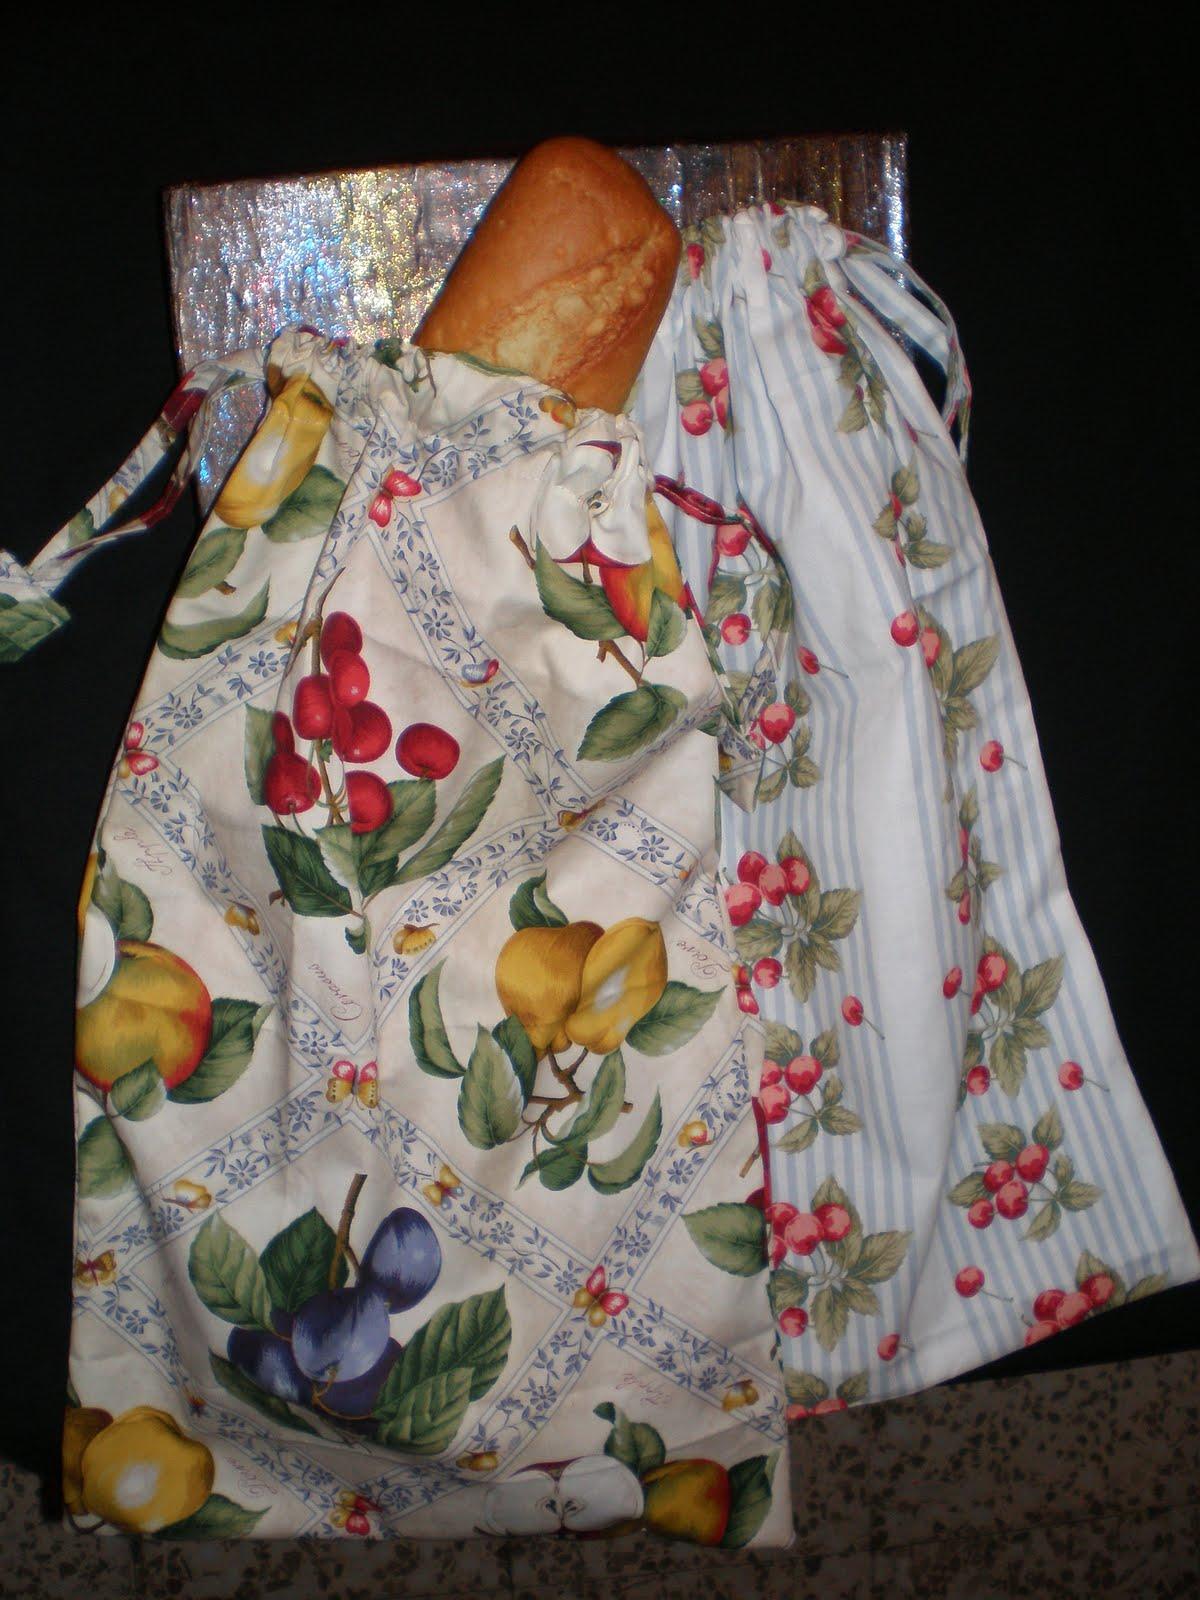 Cocinas y flores creciendoentreflores - Cocinas hechas a mano ...